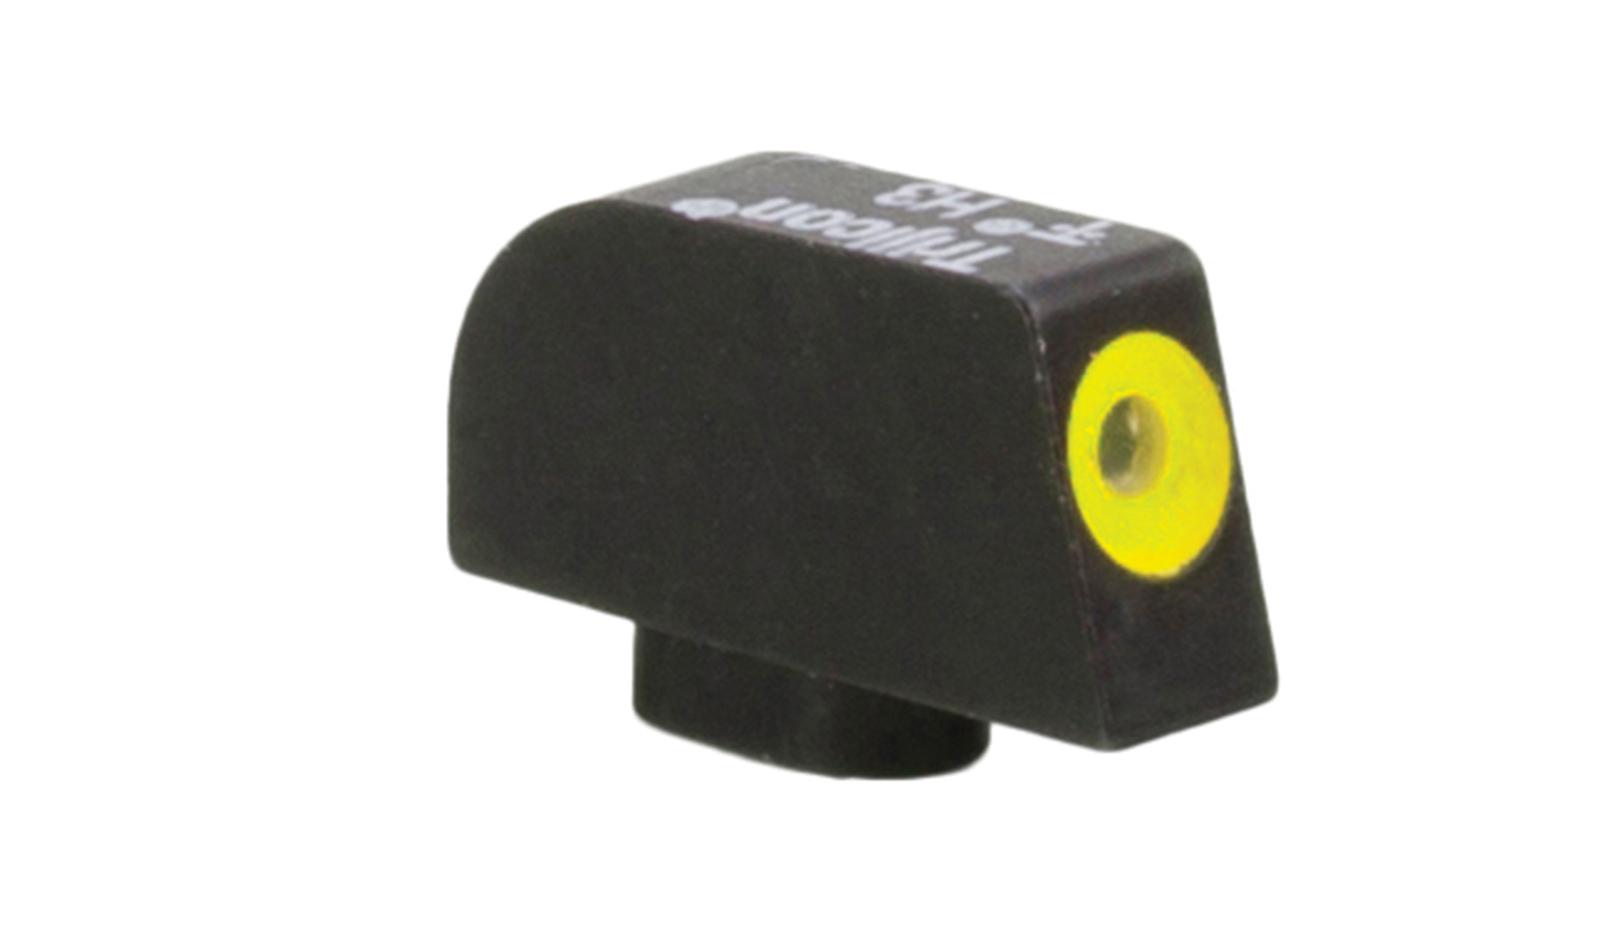 GL601-C-600837 angle 3